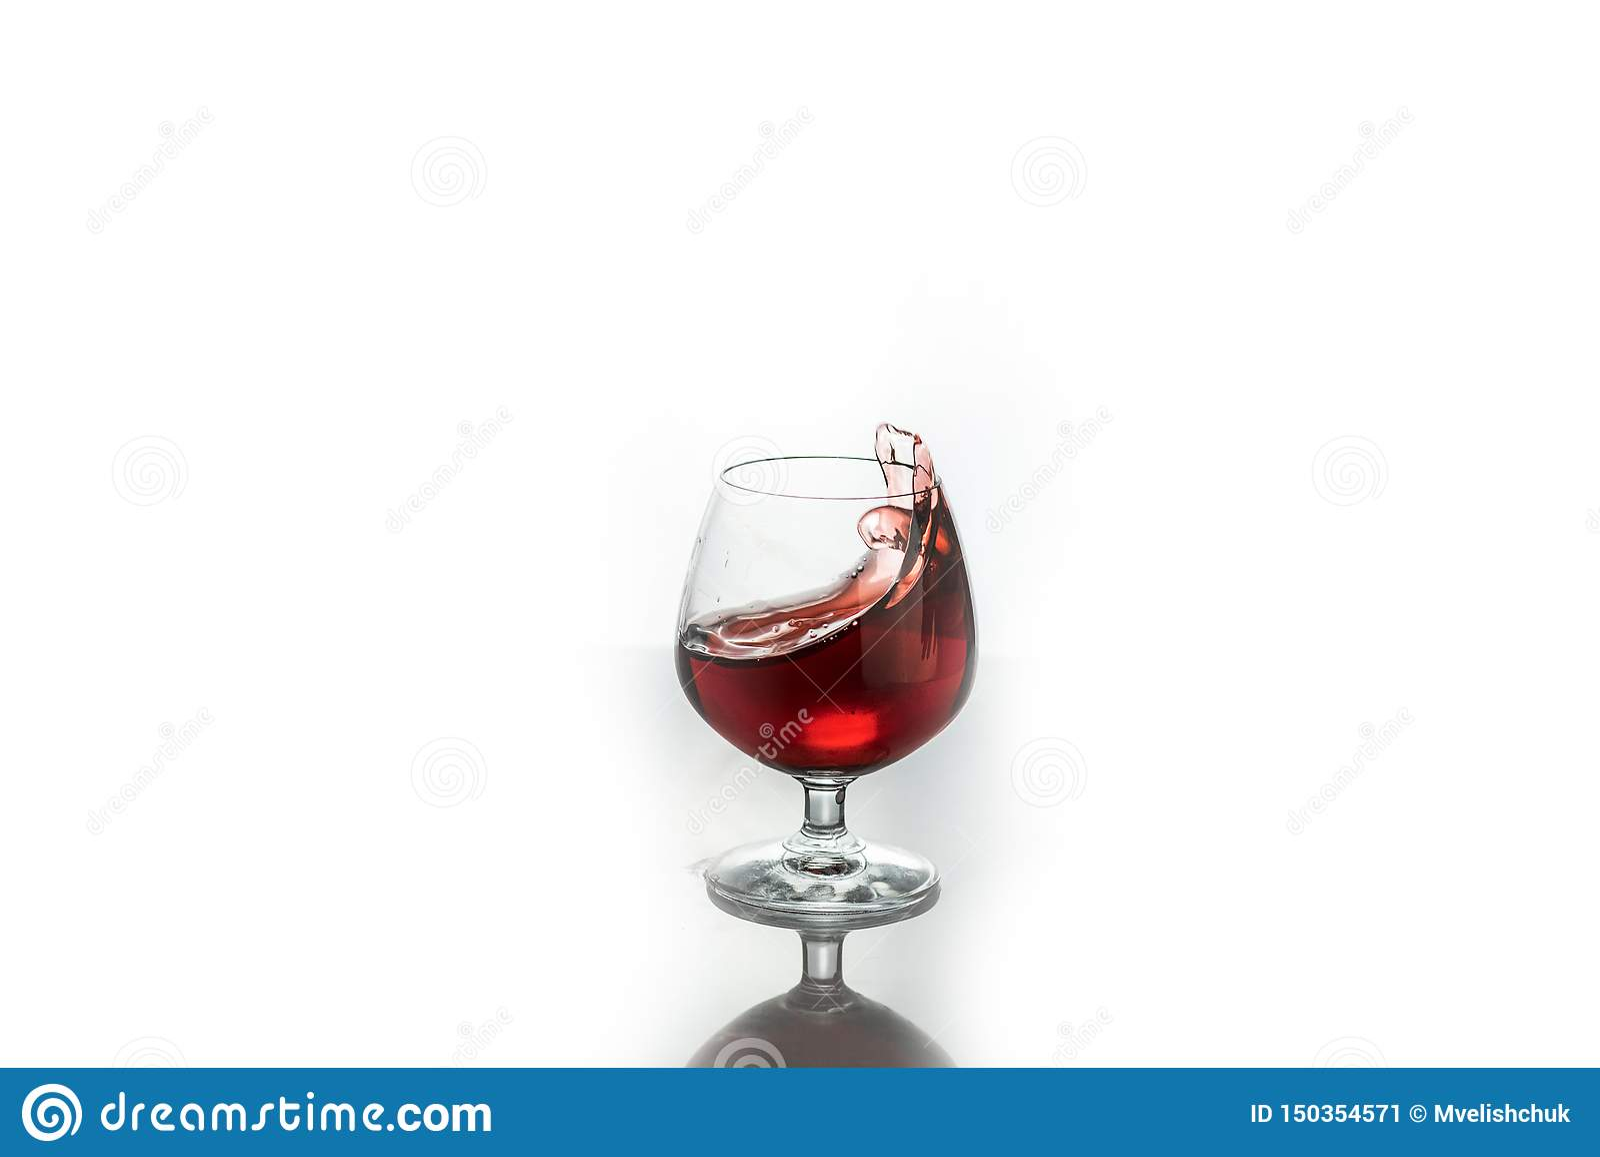 Ράντισμα κόκκινου κρασιού από ένα γυαλί, που απομονώνεται στο λευκό